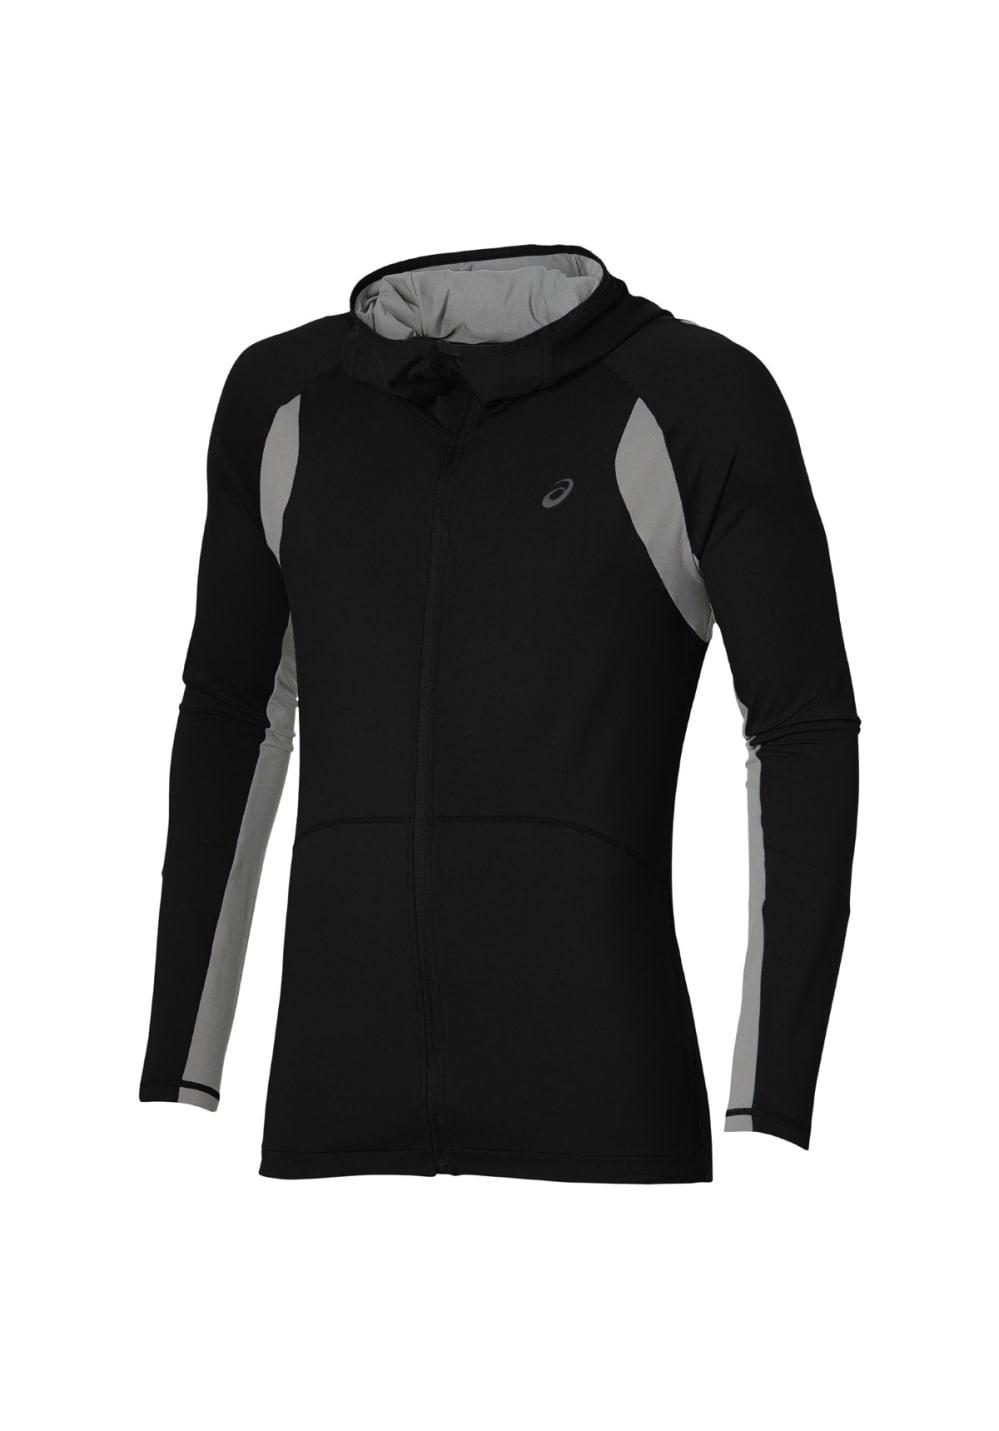 ASICS Tech Fz Hoodie - Sweatshirts & Hoodies für Herren - Schwarz, Gr. XXL